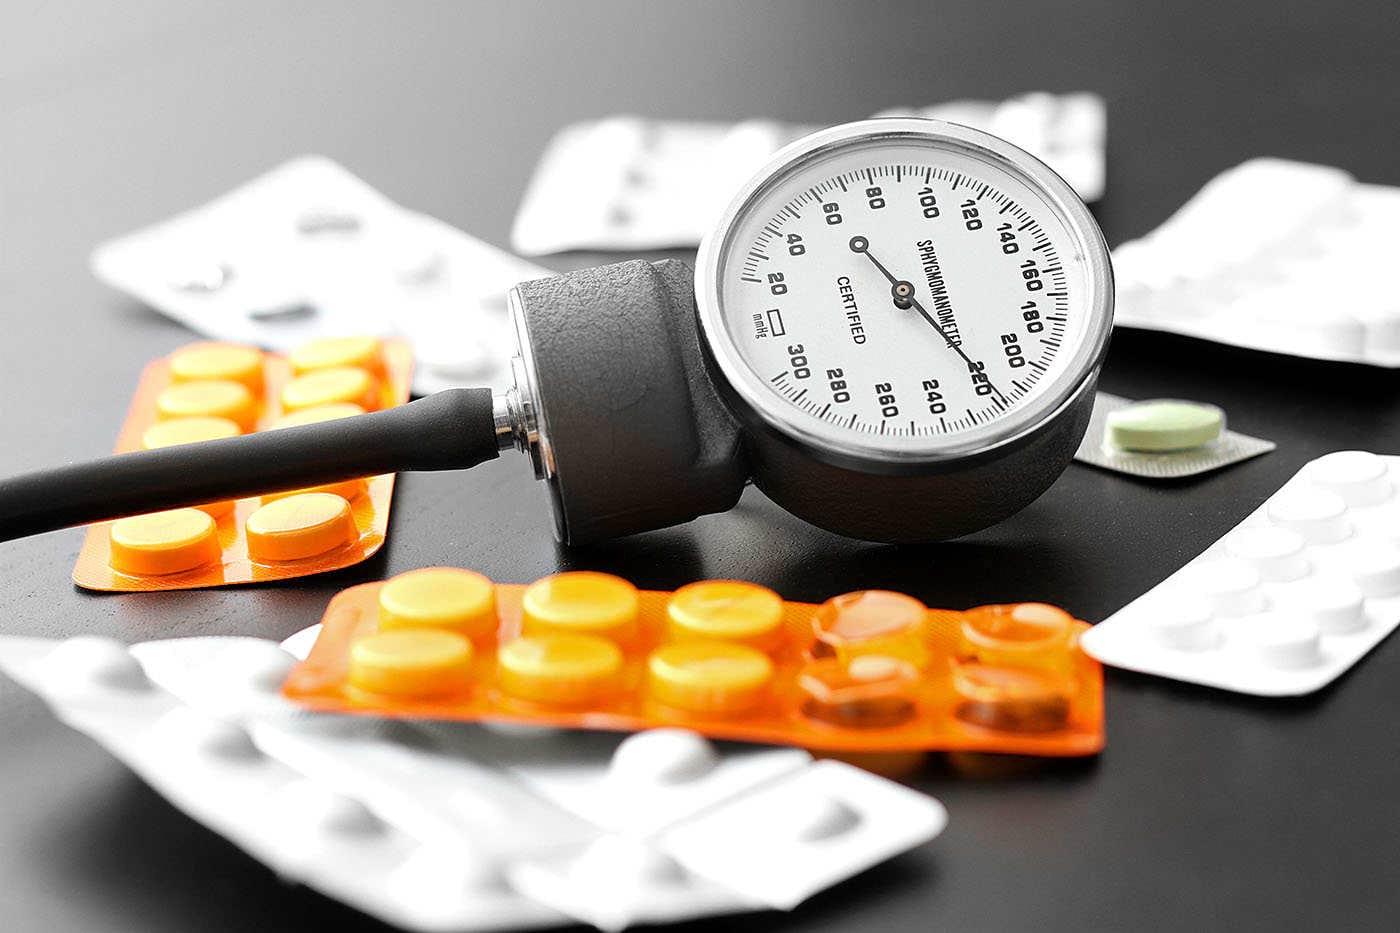 Antihipertensivele ajută la prelungirea vieții bolnavilor [studiu]